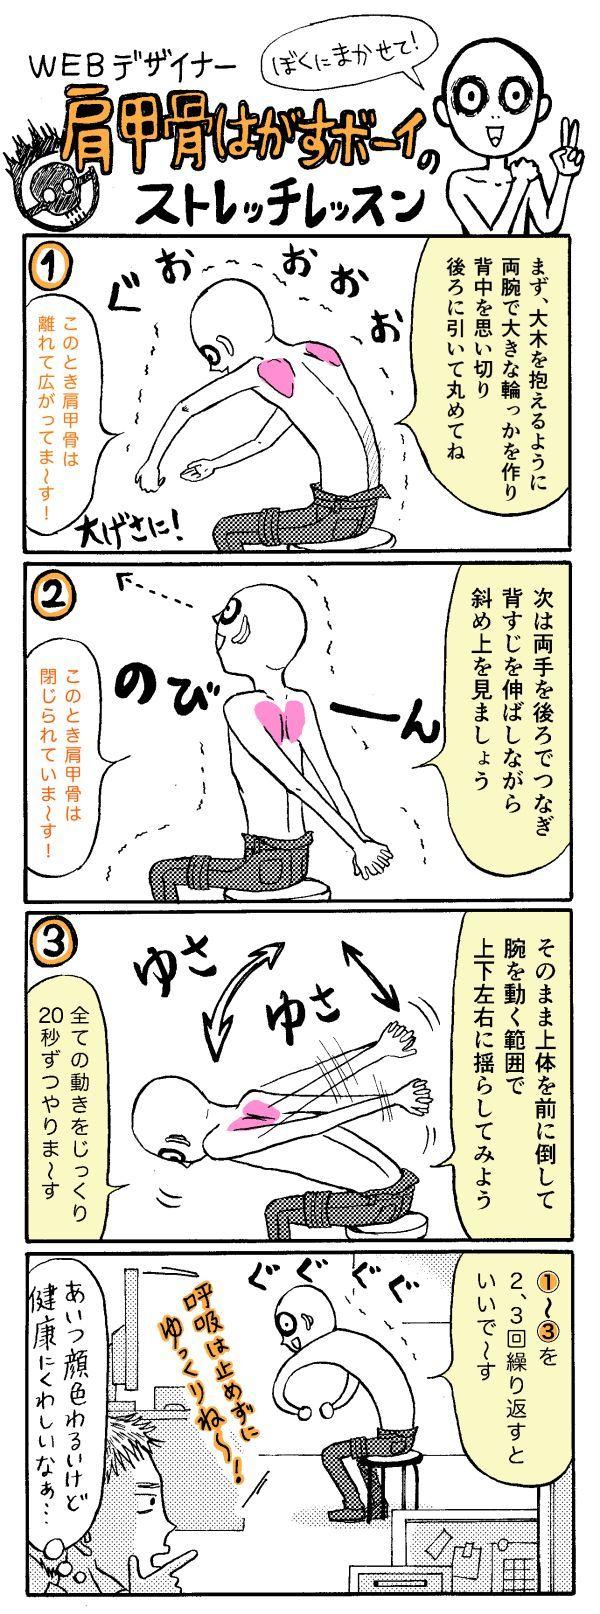 """【撃退】肩こりには「世界一受けたい授業」でも紹介された""""アレ""""をはがすべし! - いまトピ"""